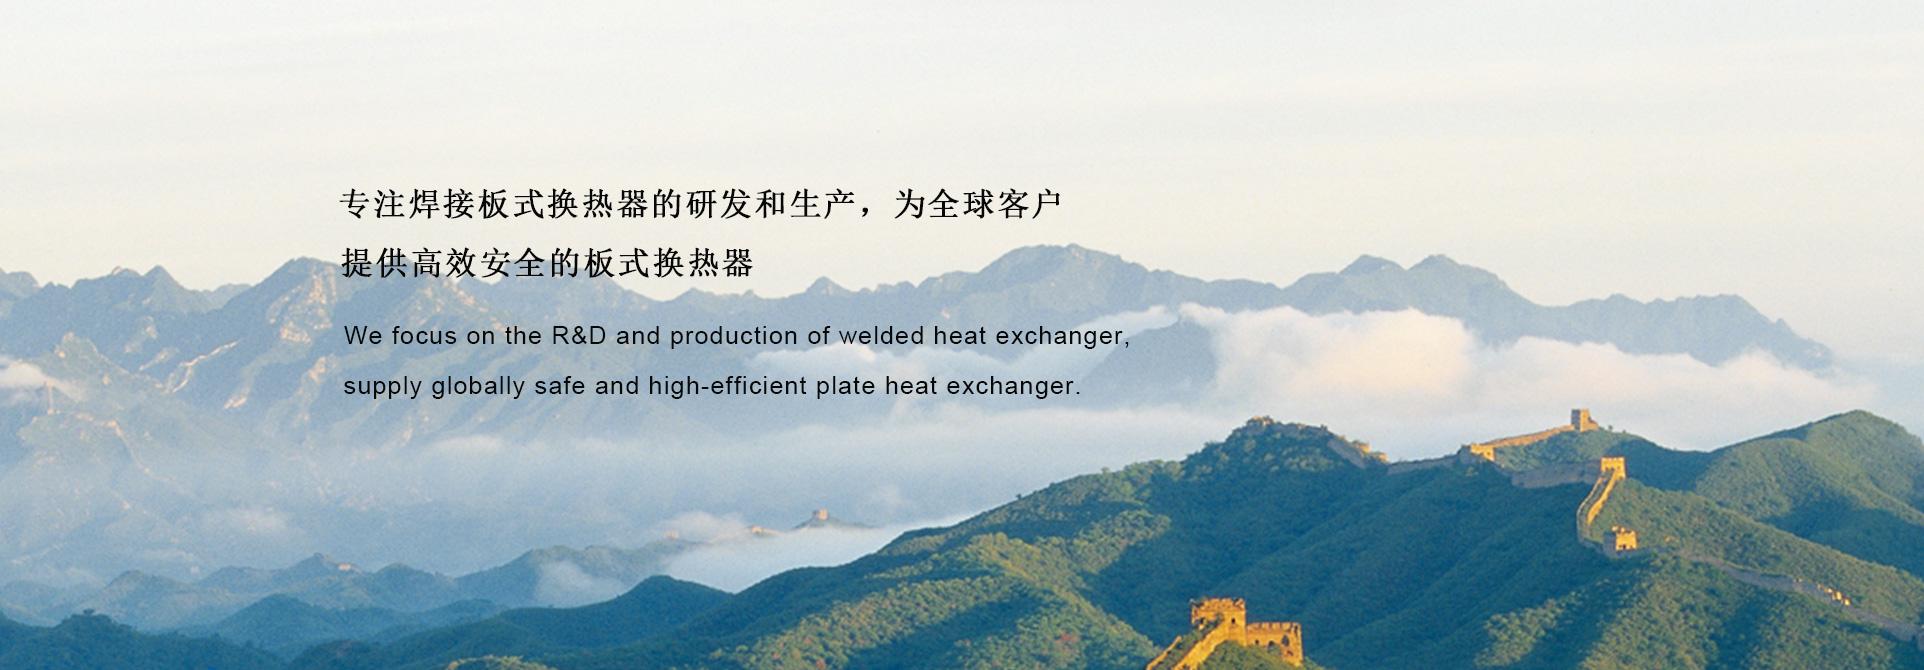 激光半焊板式换热器